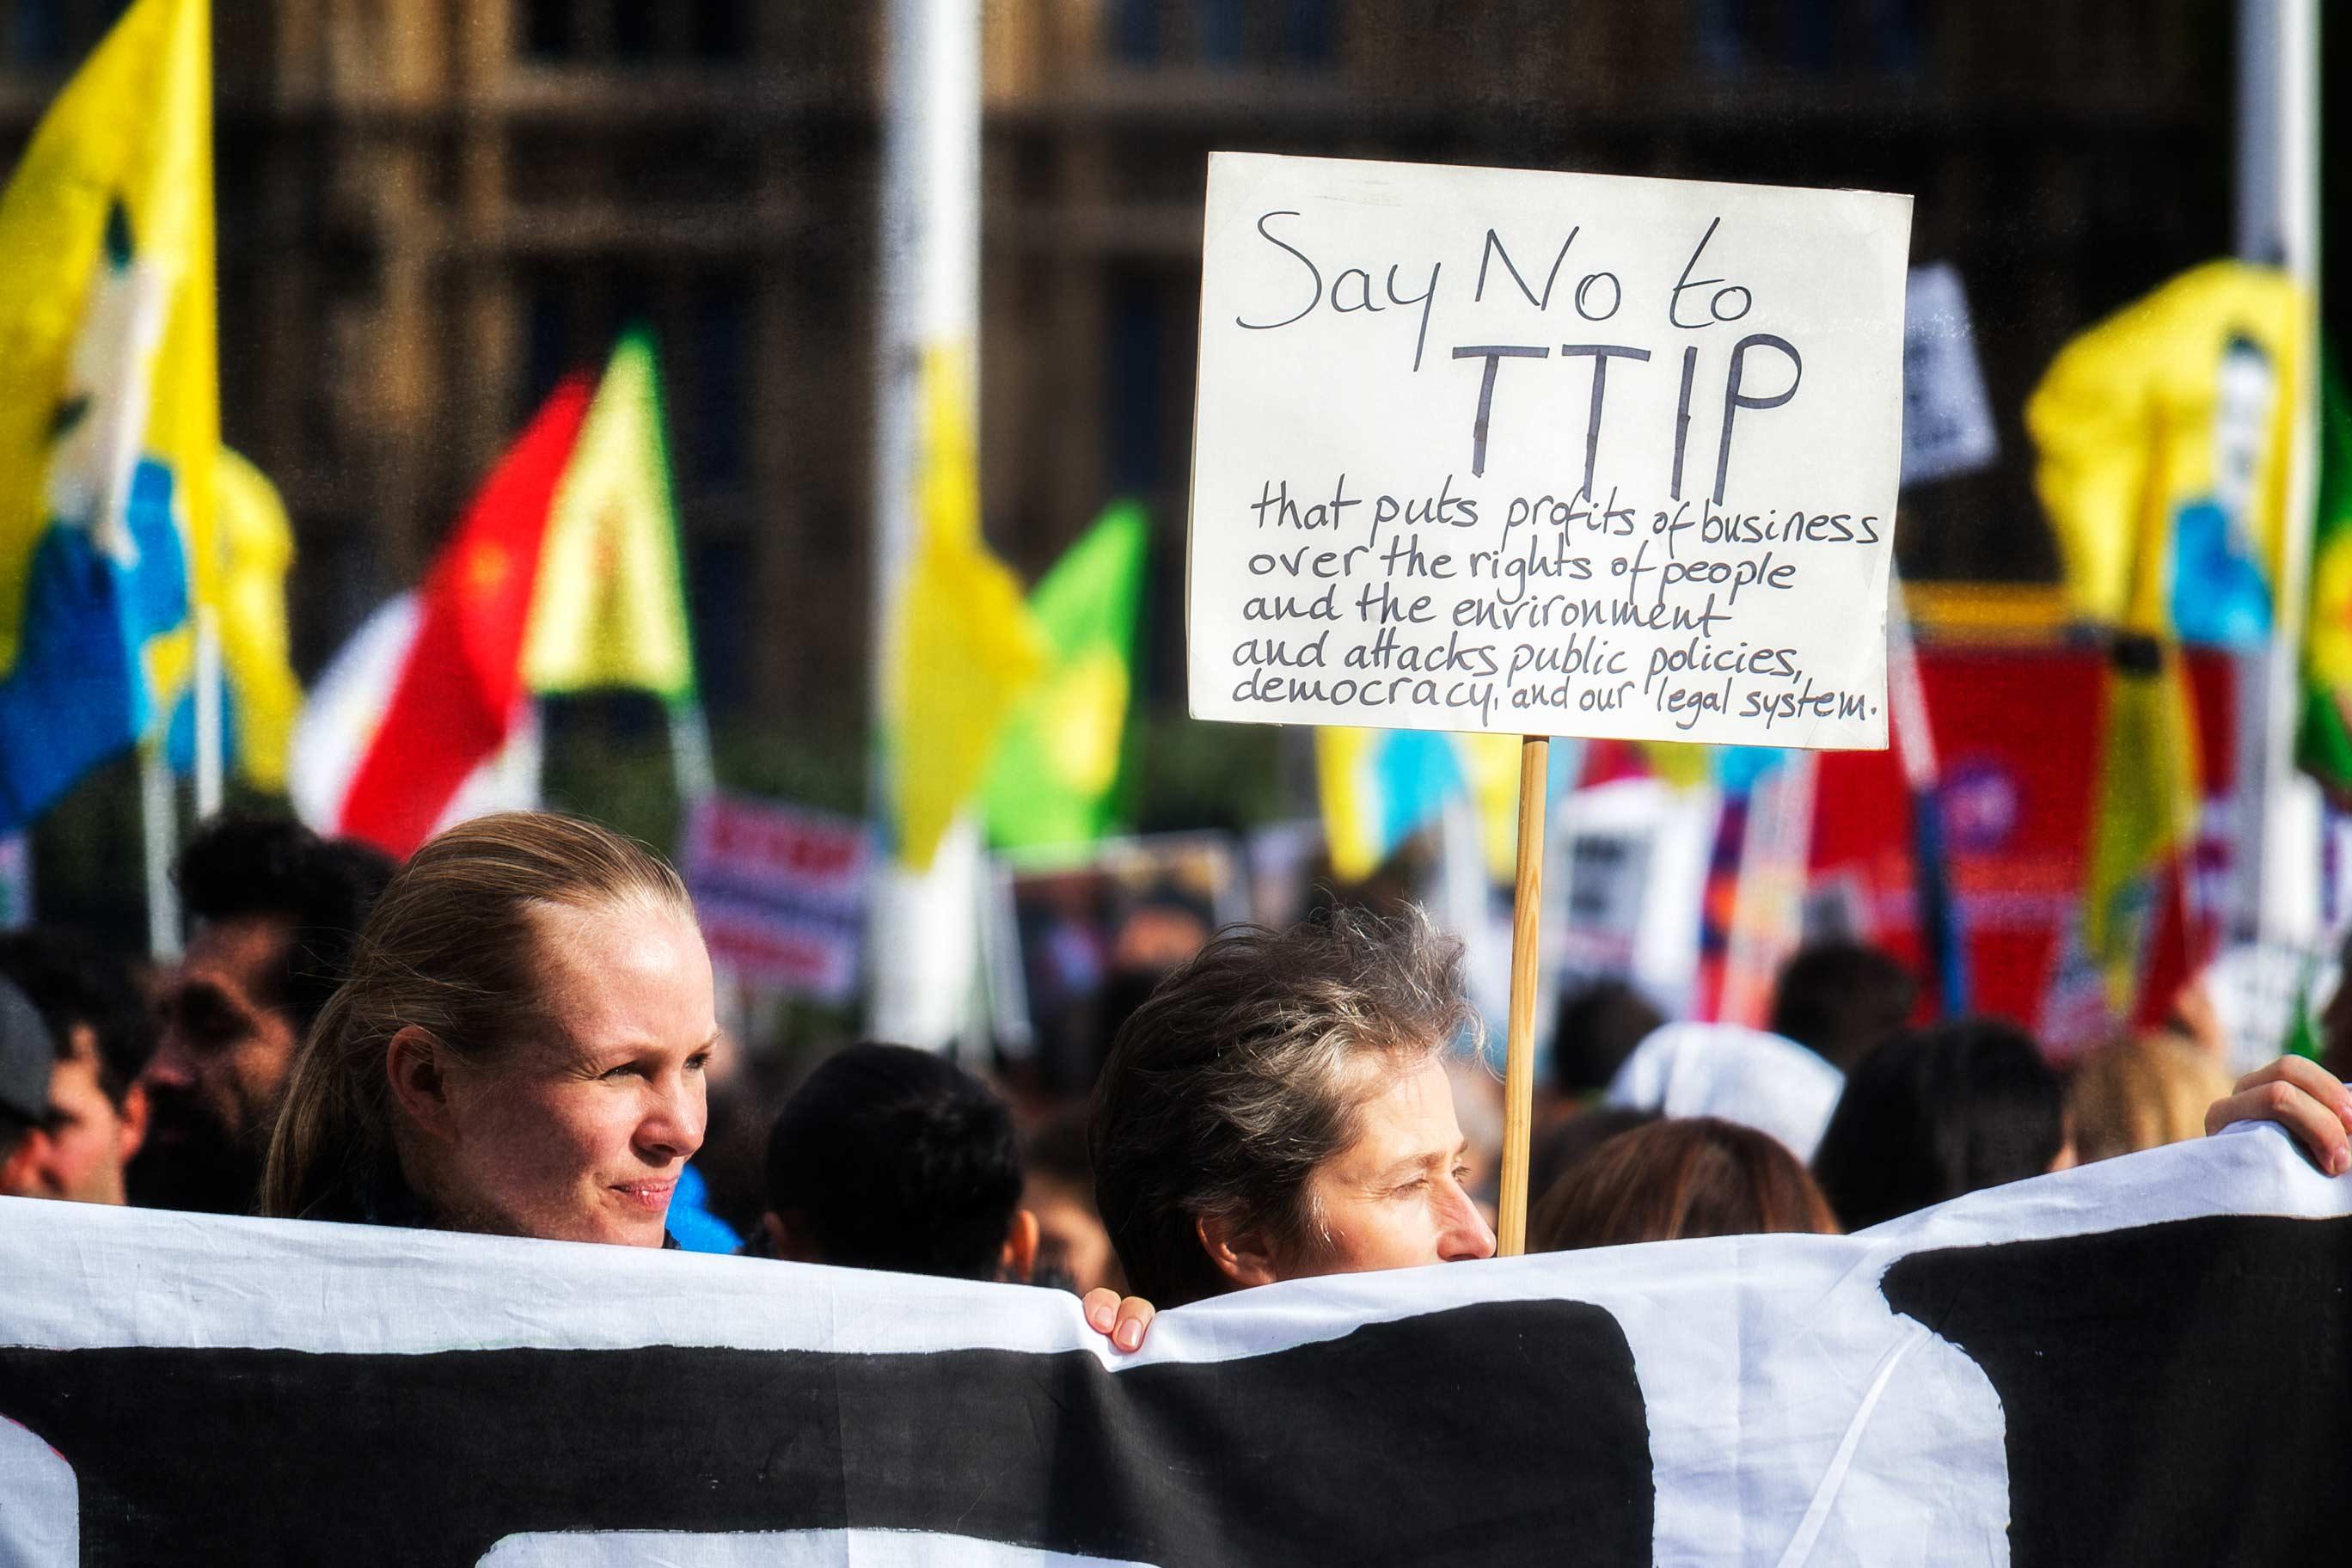 Der Kampf um TTIP & CETA in der Entscheidung. Die Abkommen können und müssen verhindert werden